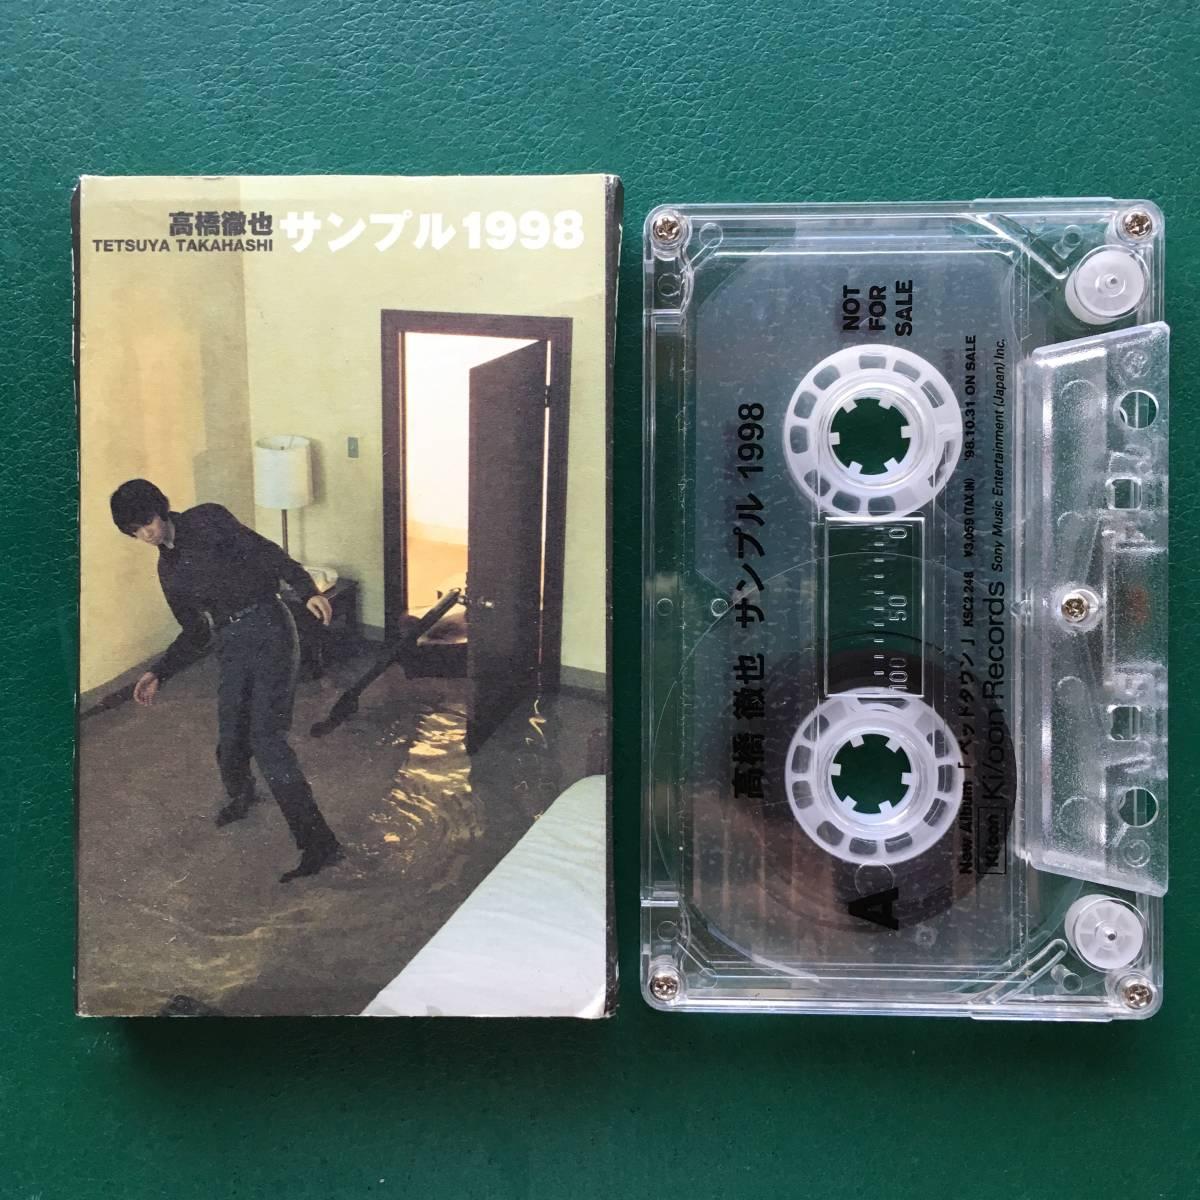 《カセットテープ》高橋徹也『サンプル1988』CT~ベッドタウン/夜に生きるもの/和モノ/にほ_画像1